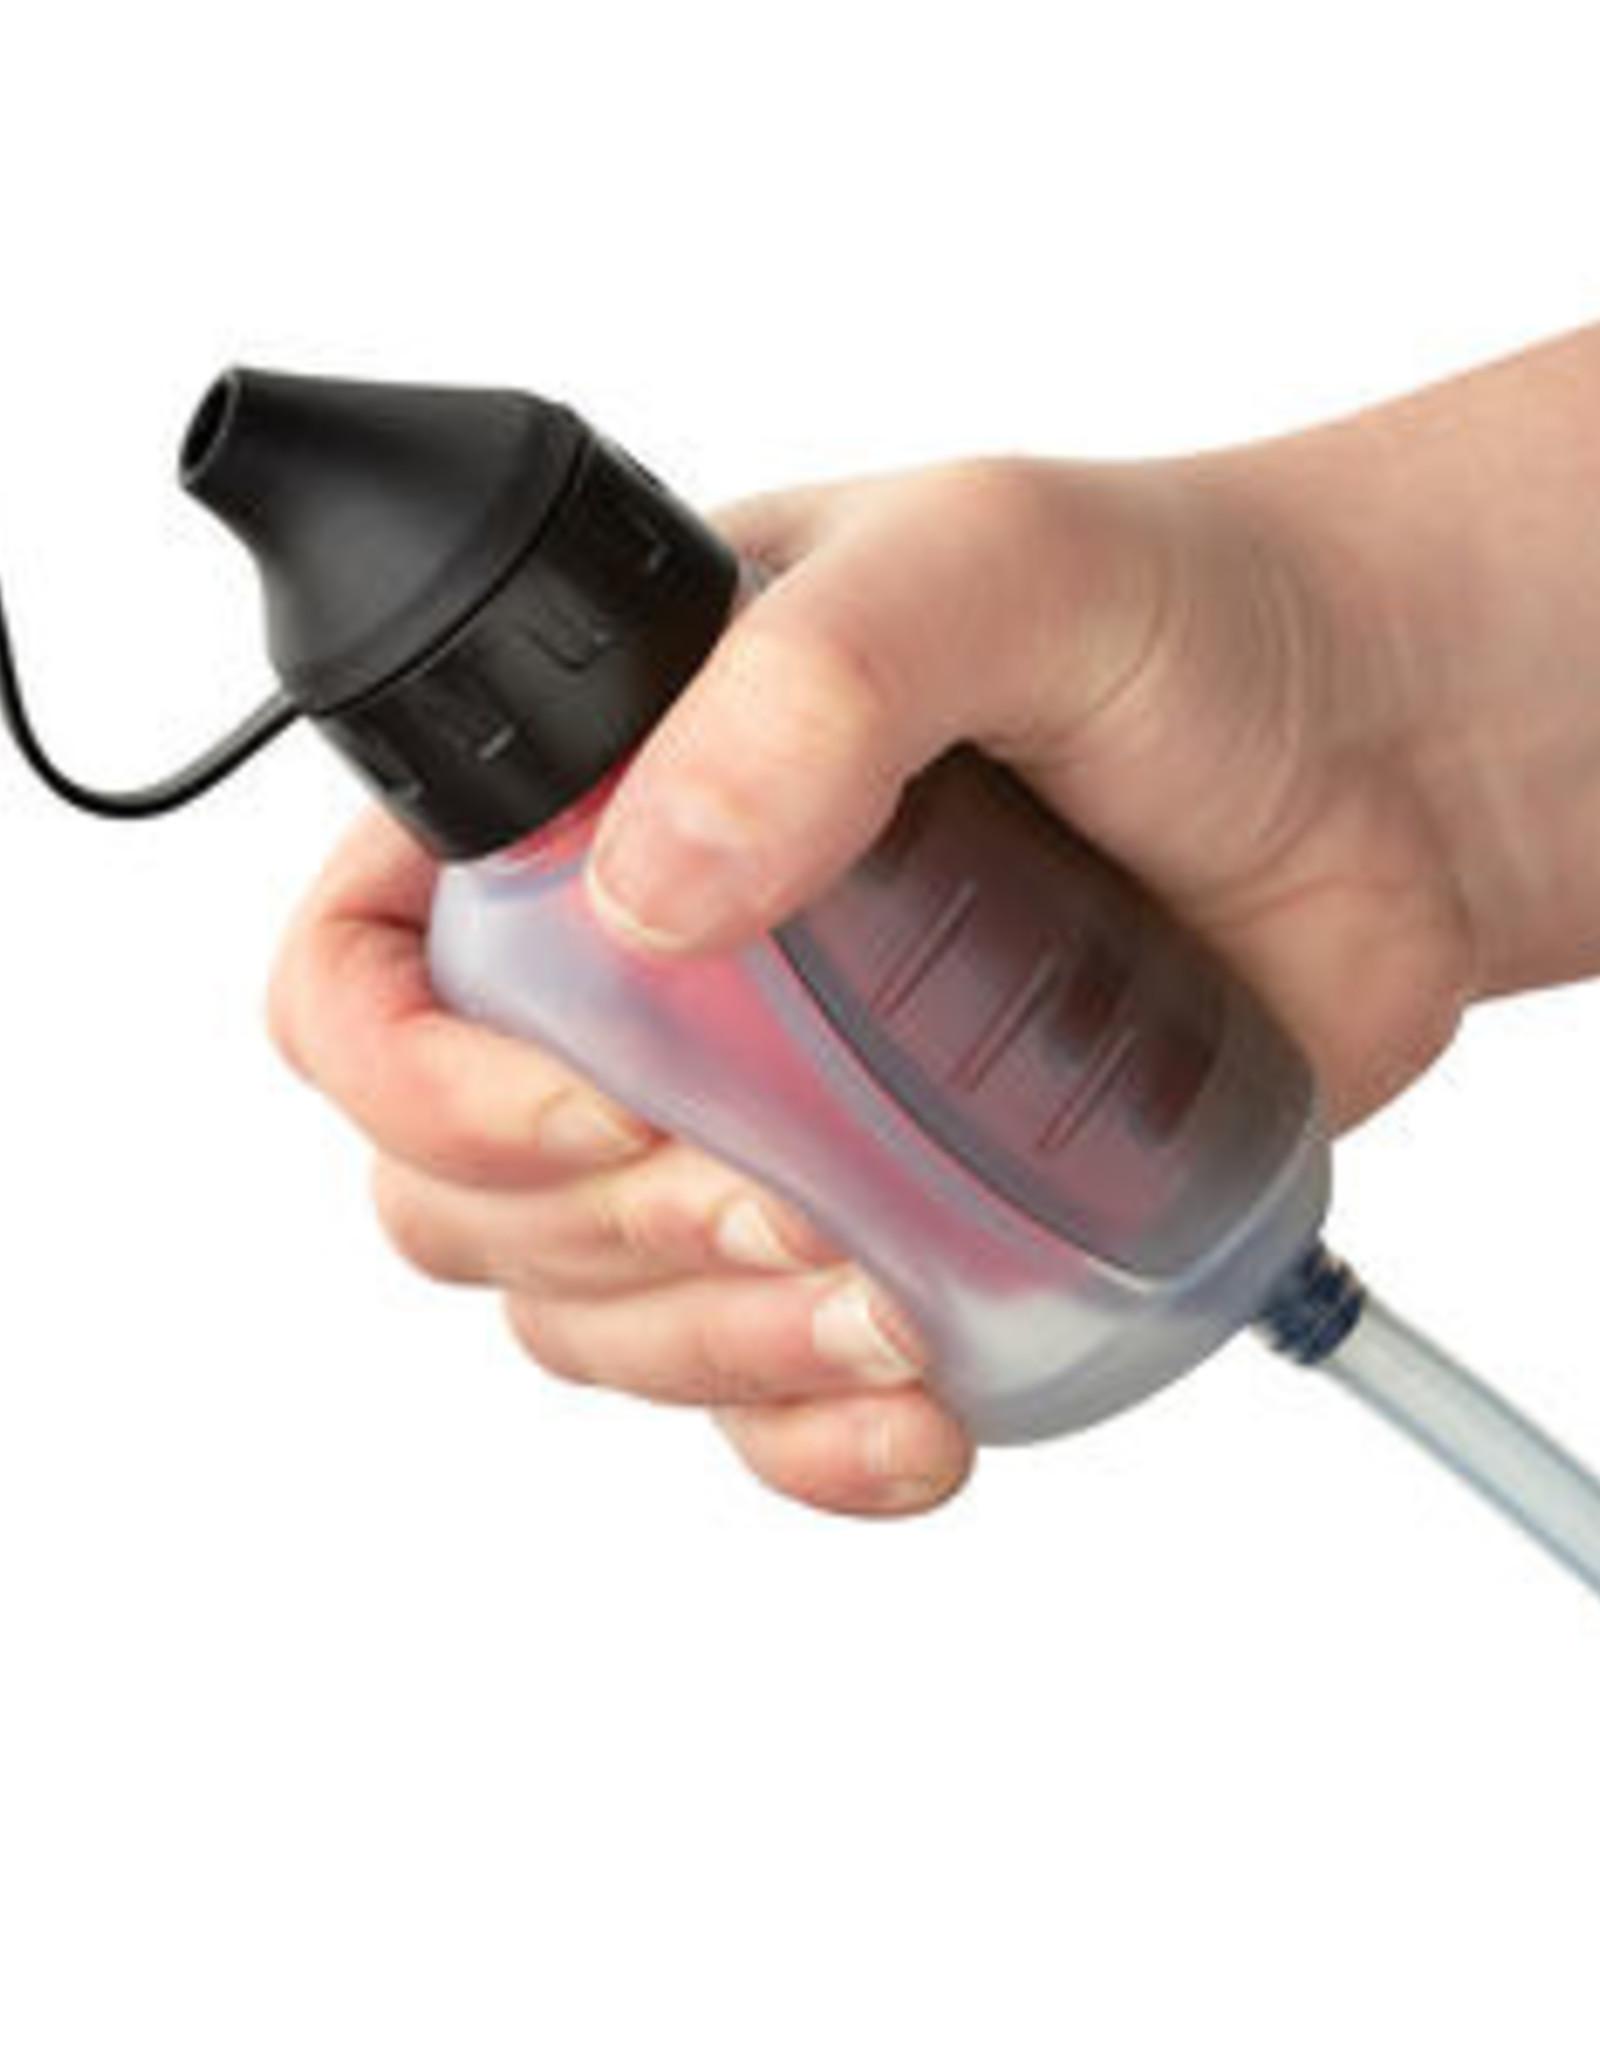 MSR MSR TrailShot Microfilter Water Filter